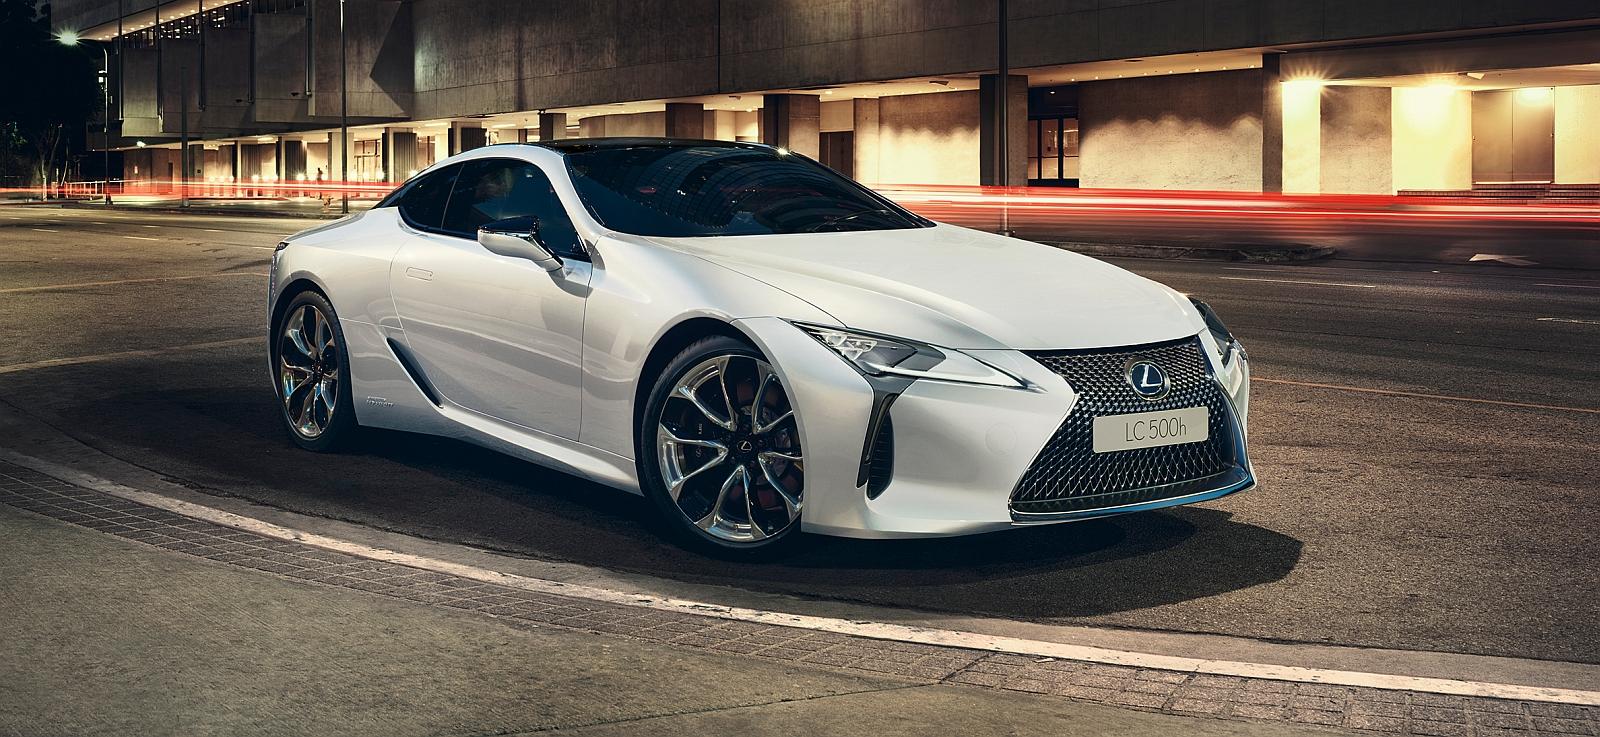 japanse-supercar-lexus-lc